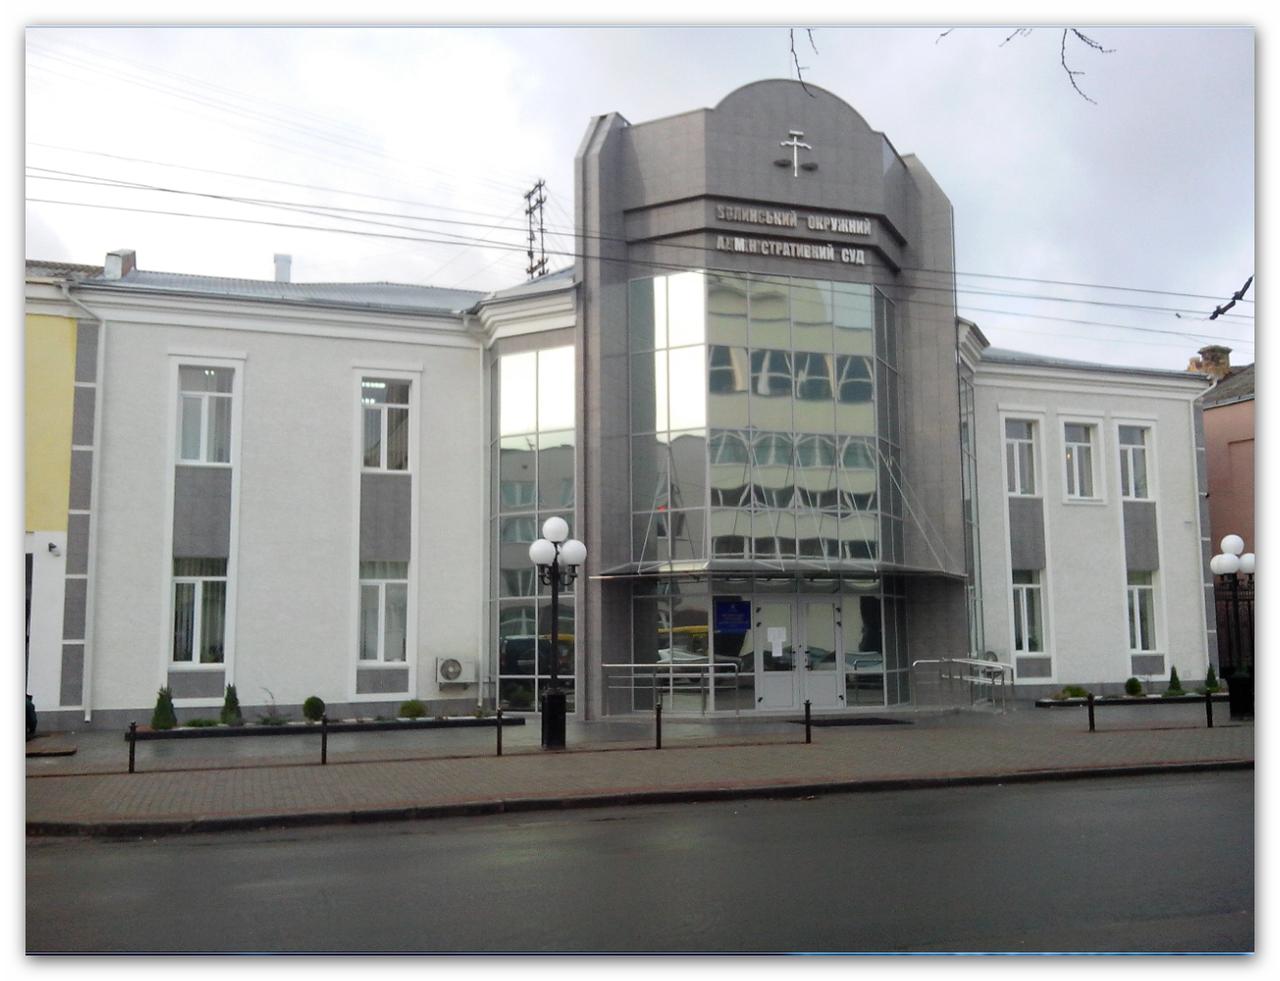 Защита от апелляции по административному делу - Центр оскарження судових рішень в Киеве